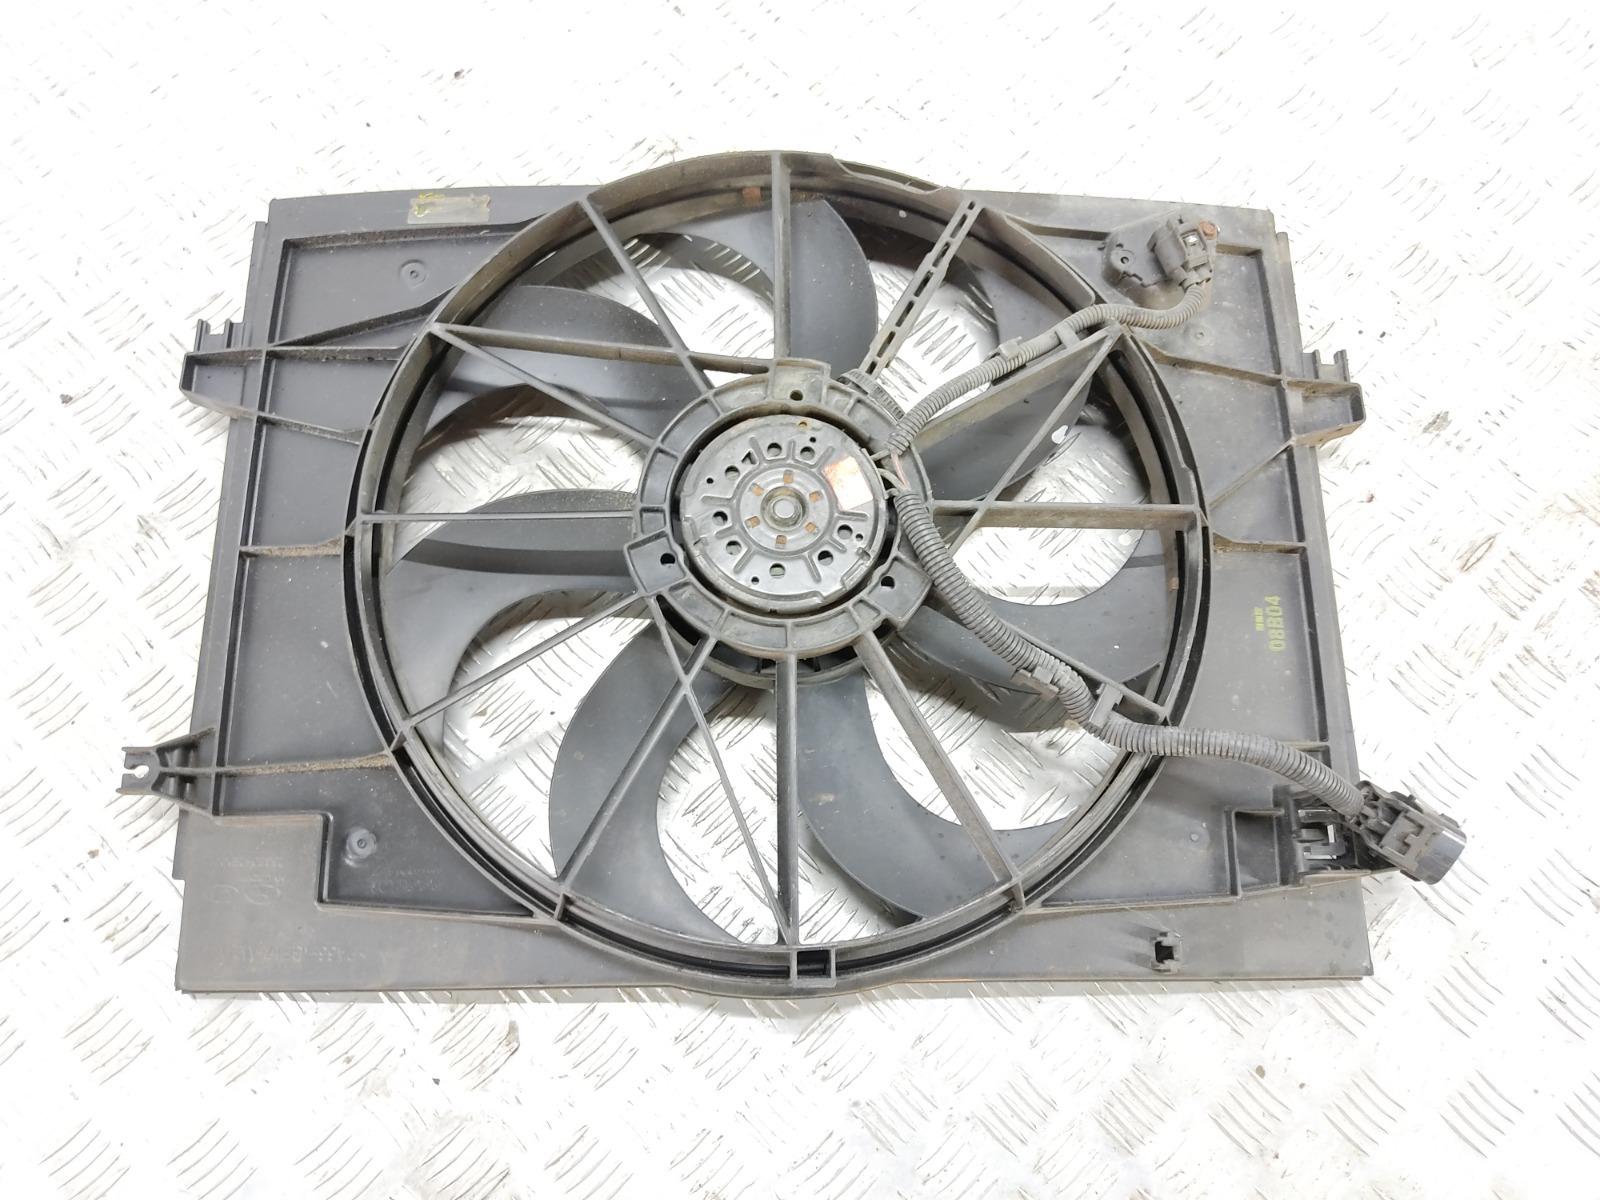 Вентилятор радиатора Kia Sportage 2.0 CRDI 2009 (б/у)